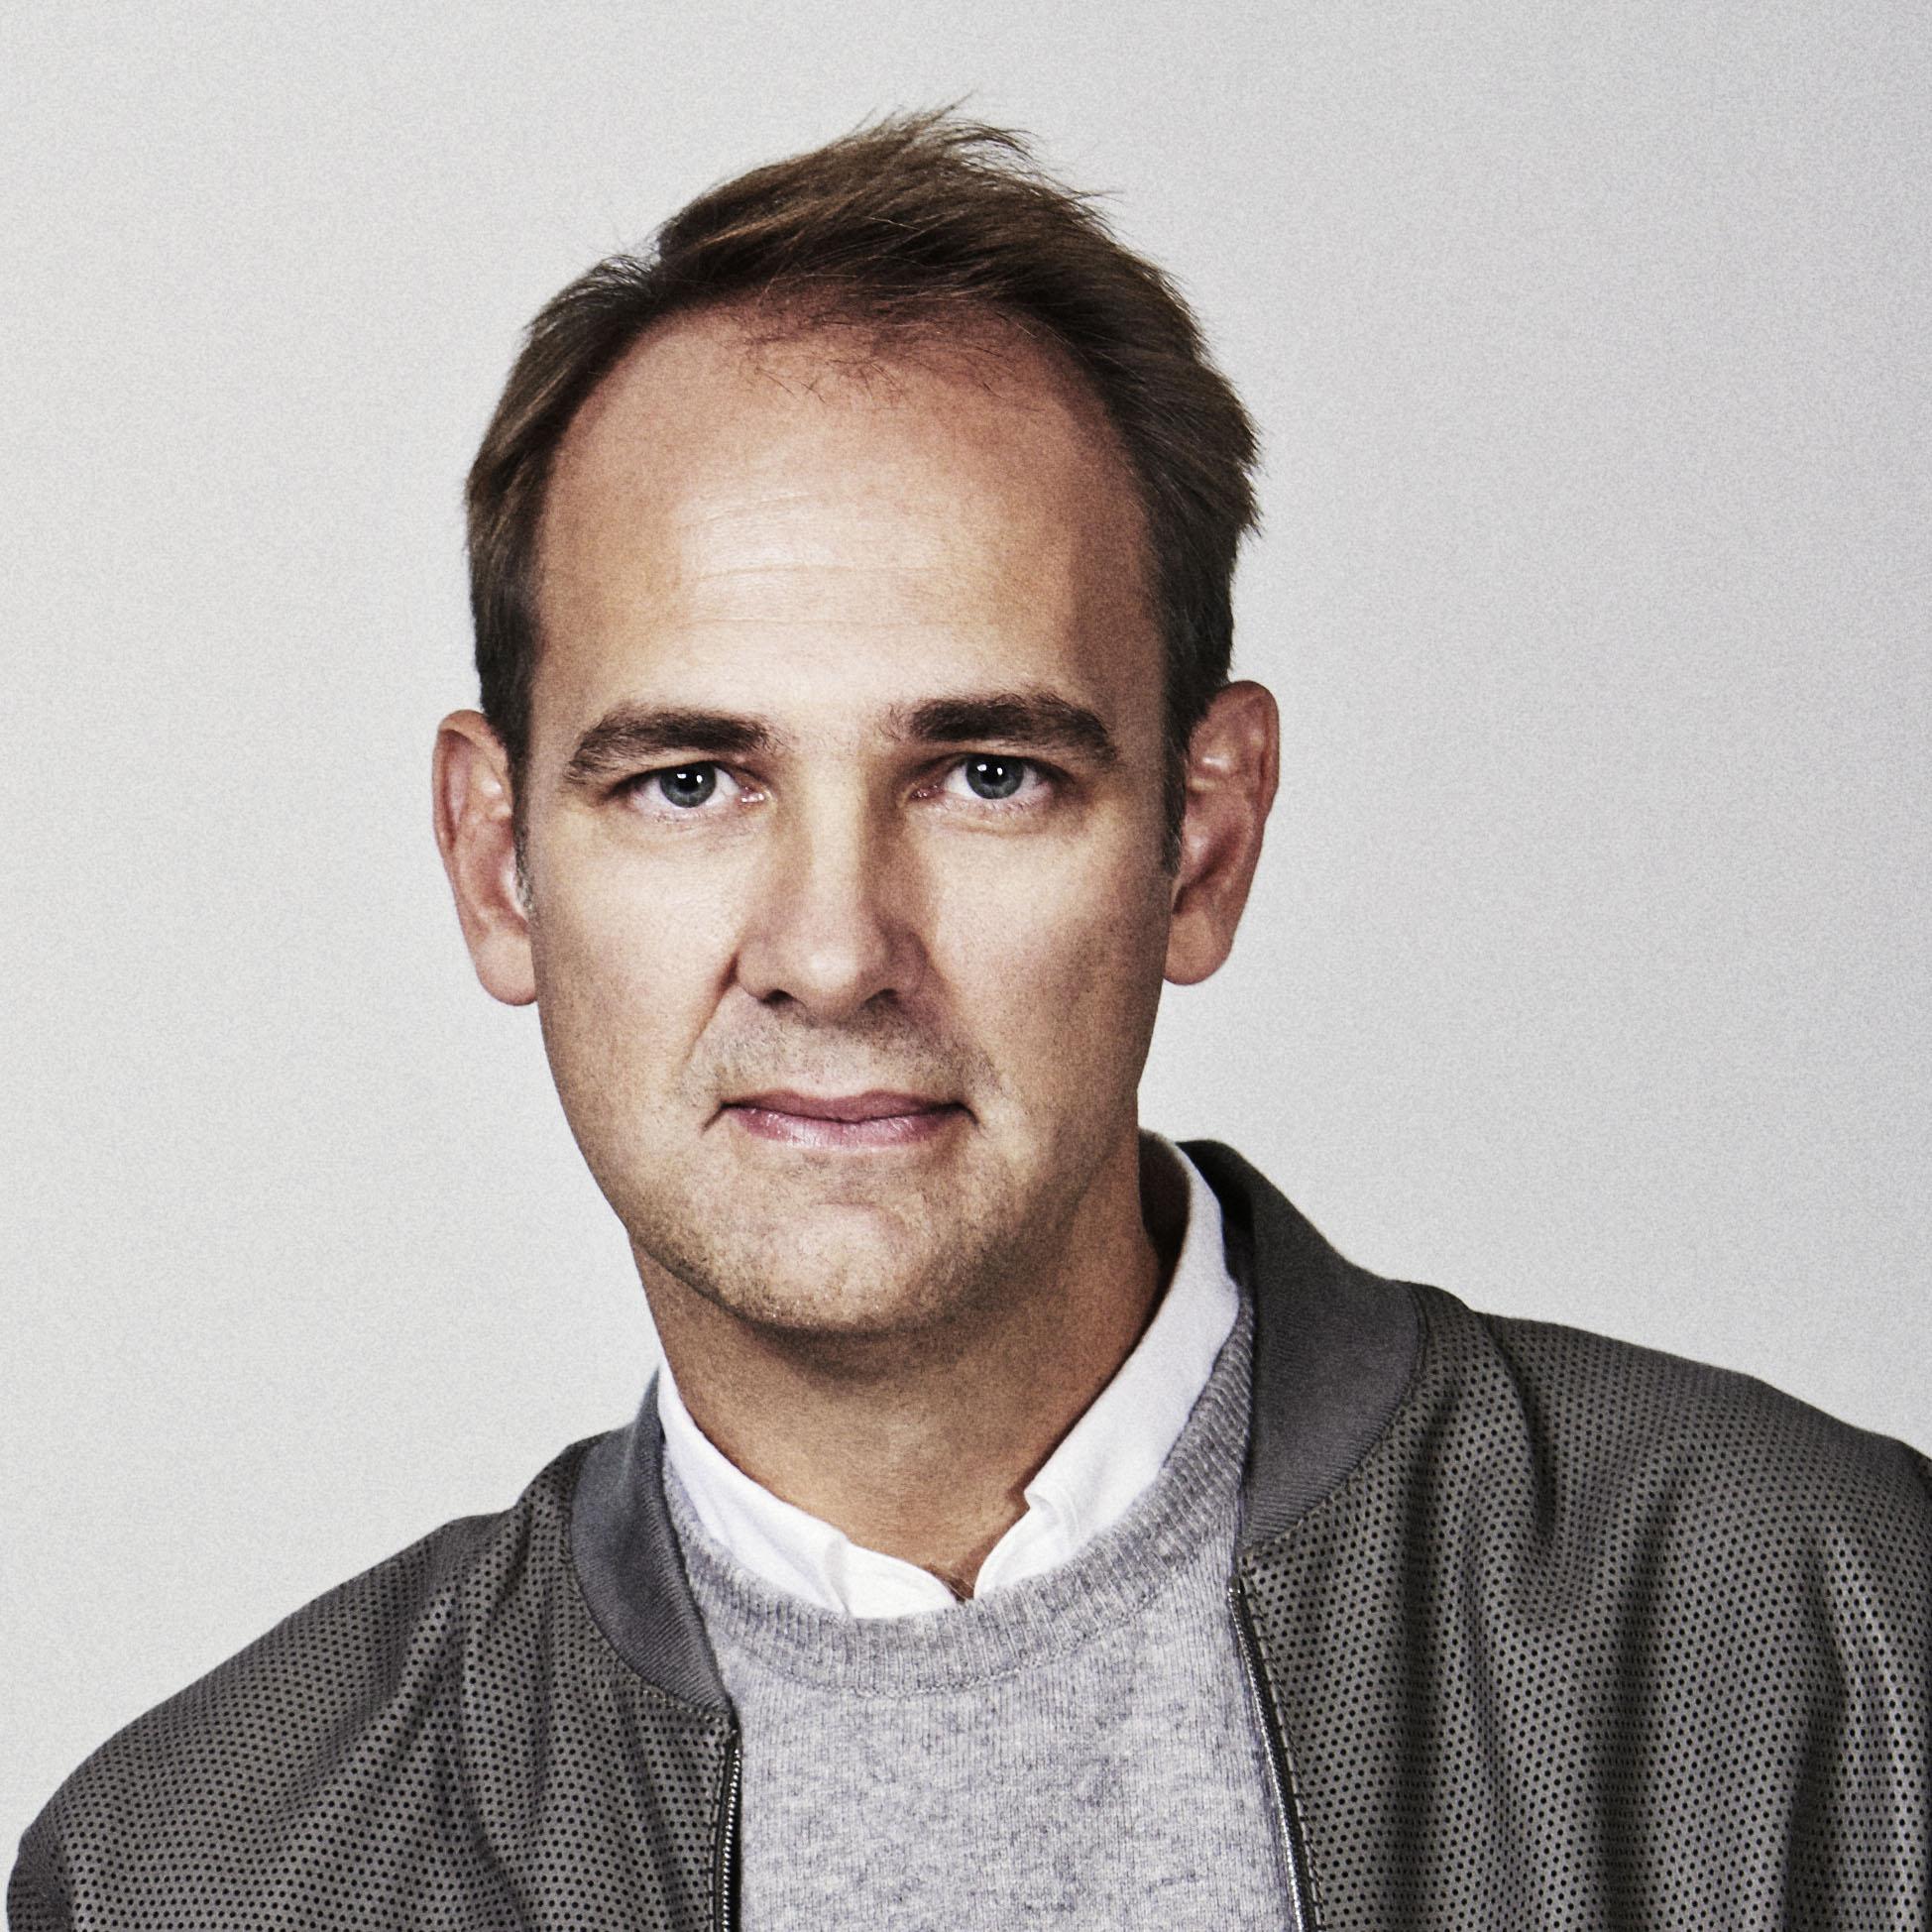 Dan Wood - Co-Founder at WORKac